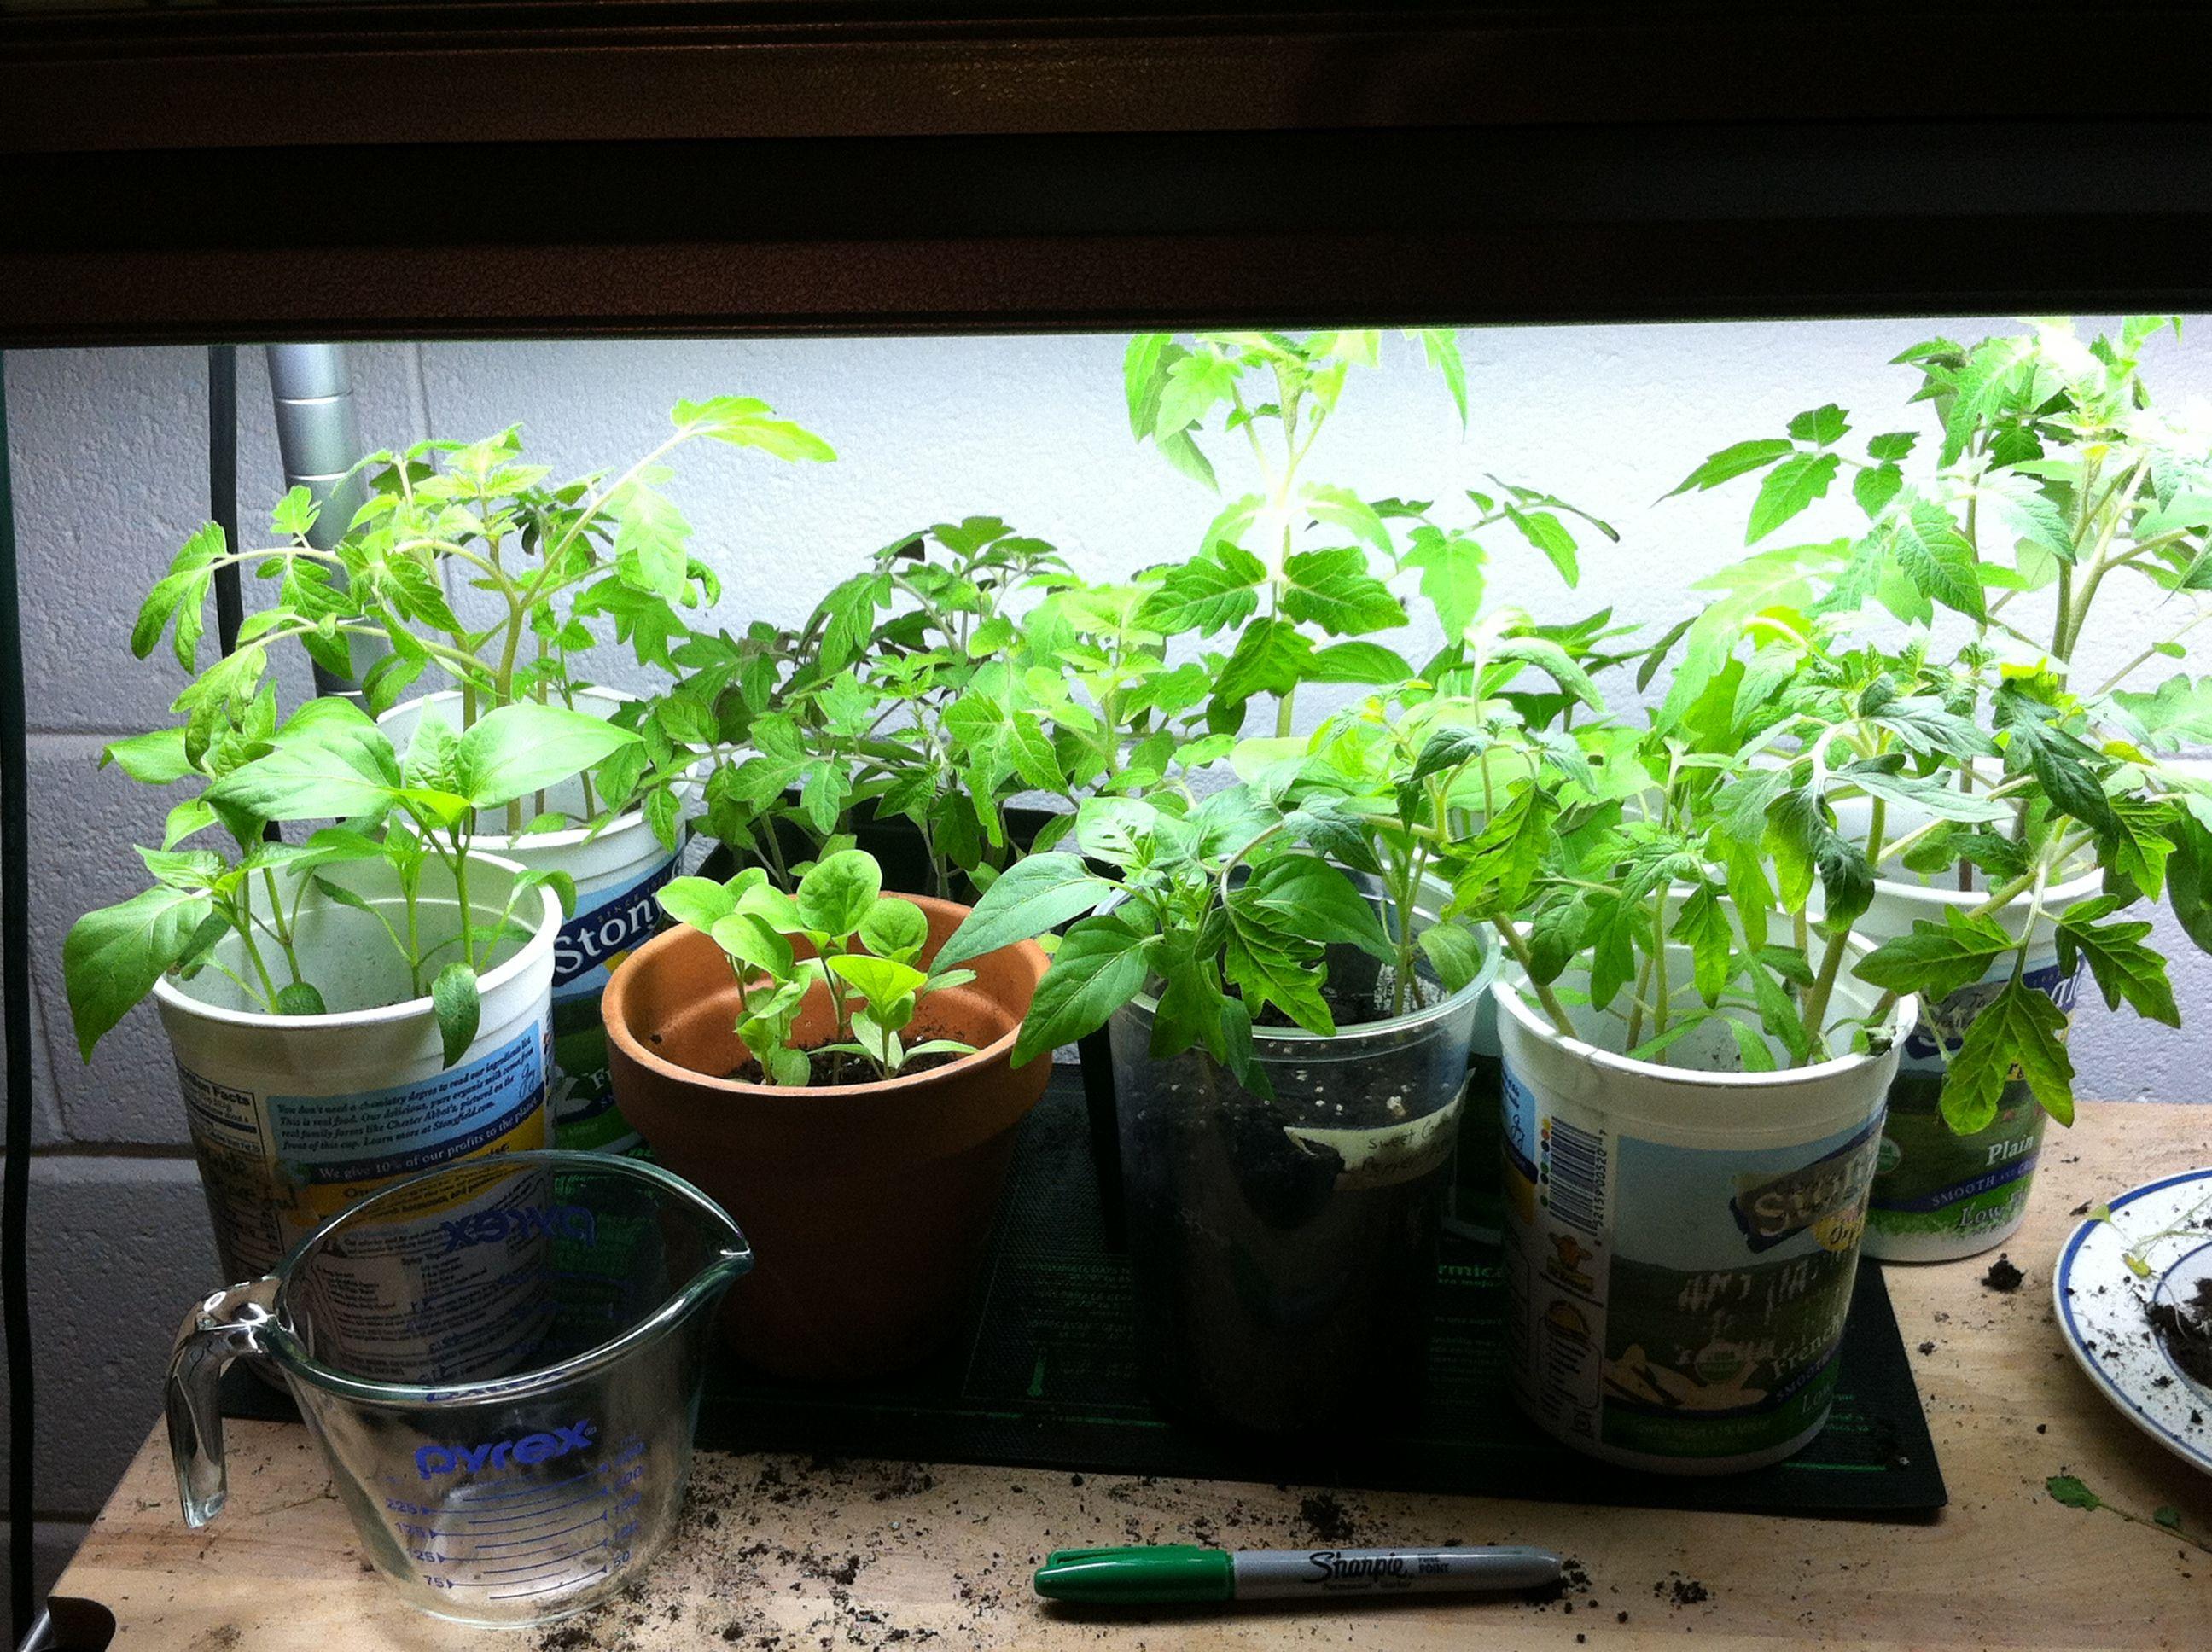 Indoor Vegetable Gardening Ideas Part - 17: Indoor Vegetable Gardening For Beginers | Indoor Organic Gardening |  Pinterest | Indoor Vegetable Gardening, Organic Gardening And Vegetable  Garden